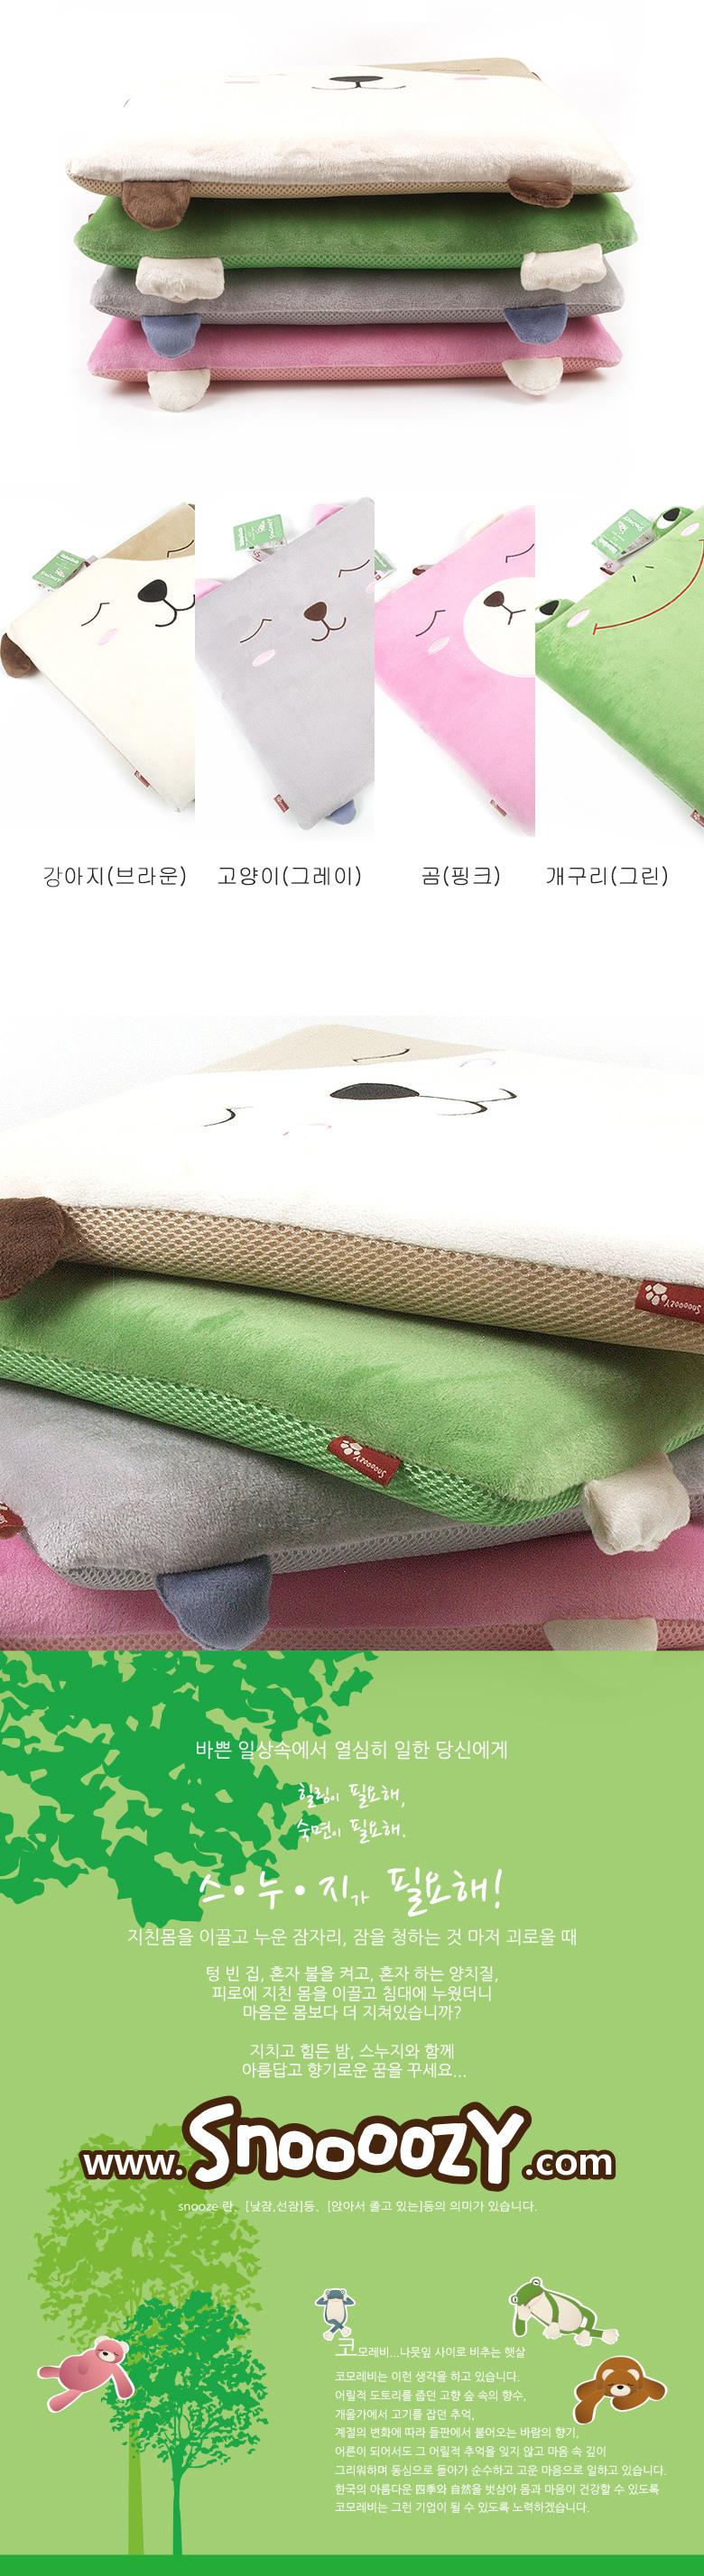 스누지 메모리폼 사각방석 패브릭n매쉬-4color - 코모레비, 23,000원, 방석, 캐릭터